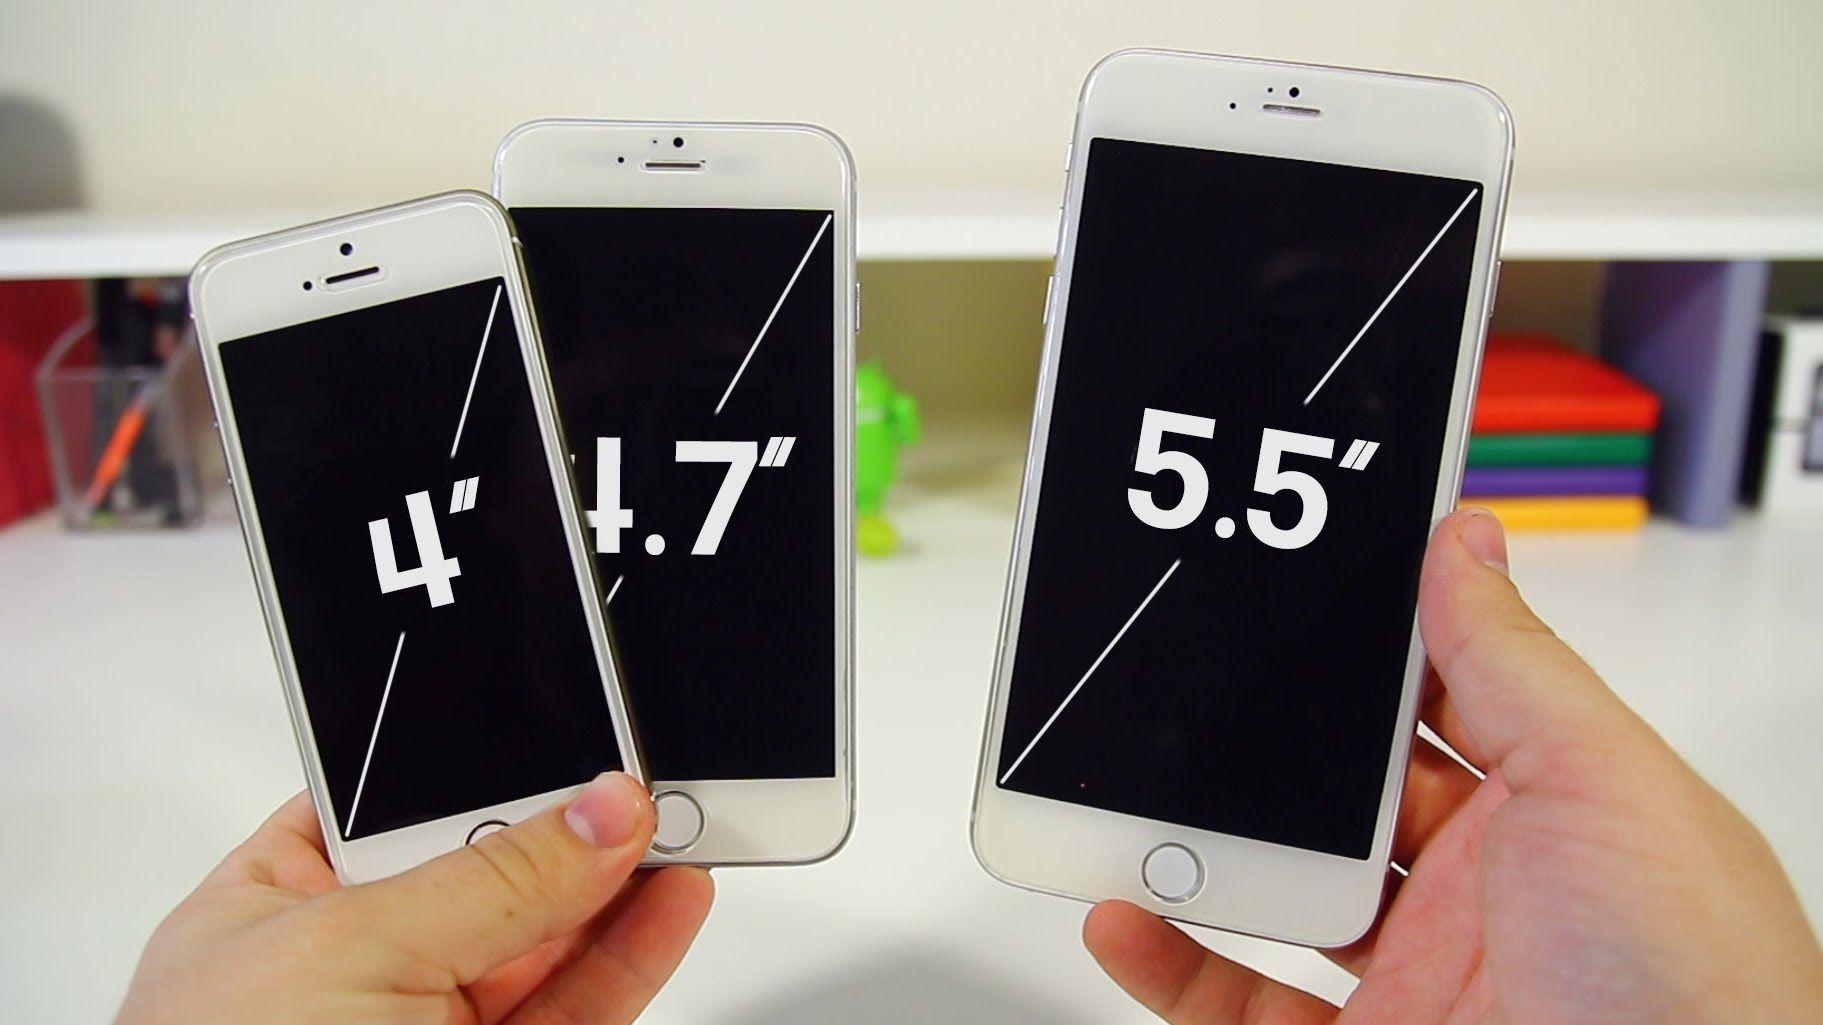 طراحی گوشیهای جدید اپل مانند آیفون ۸ خواهد بود